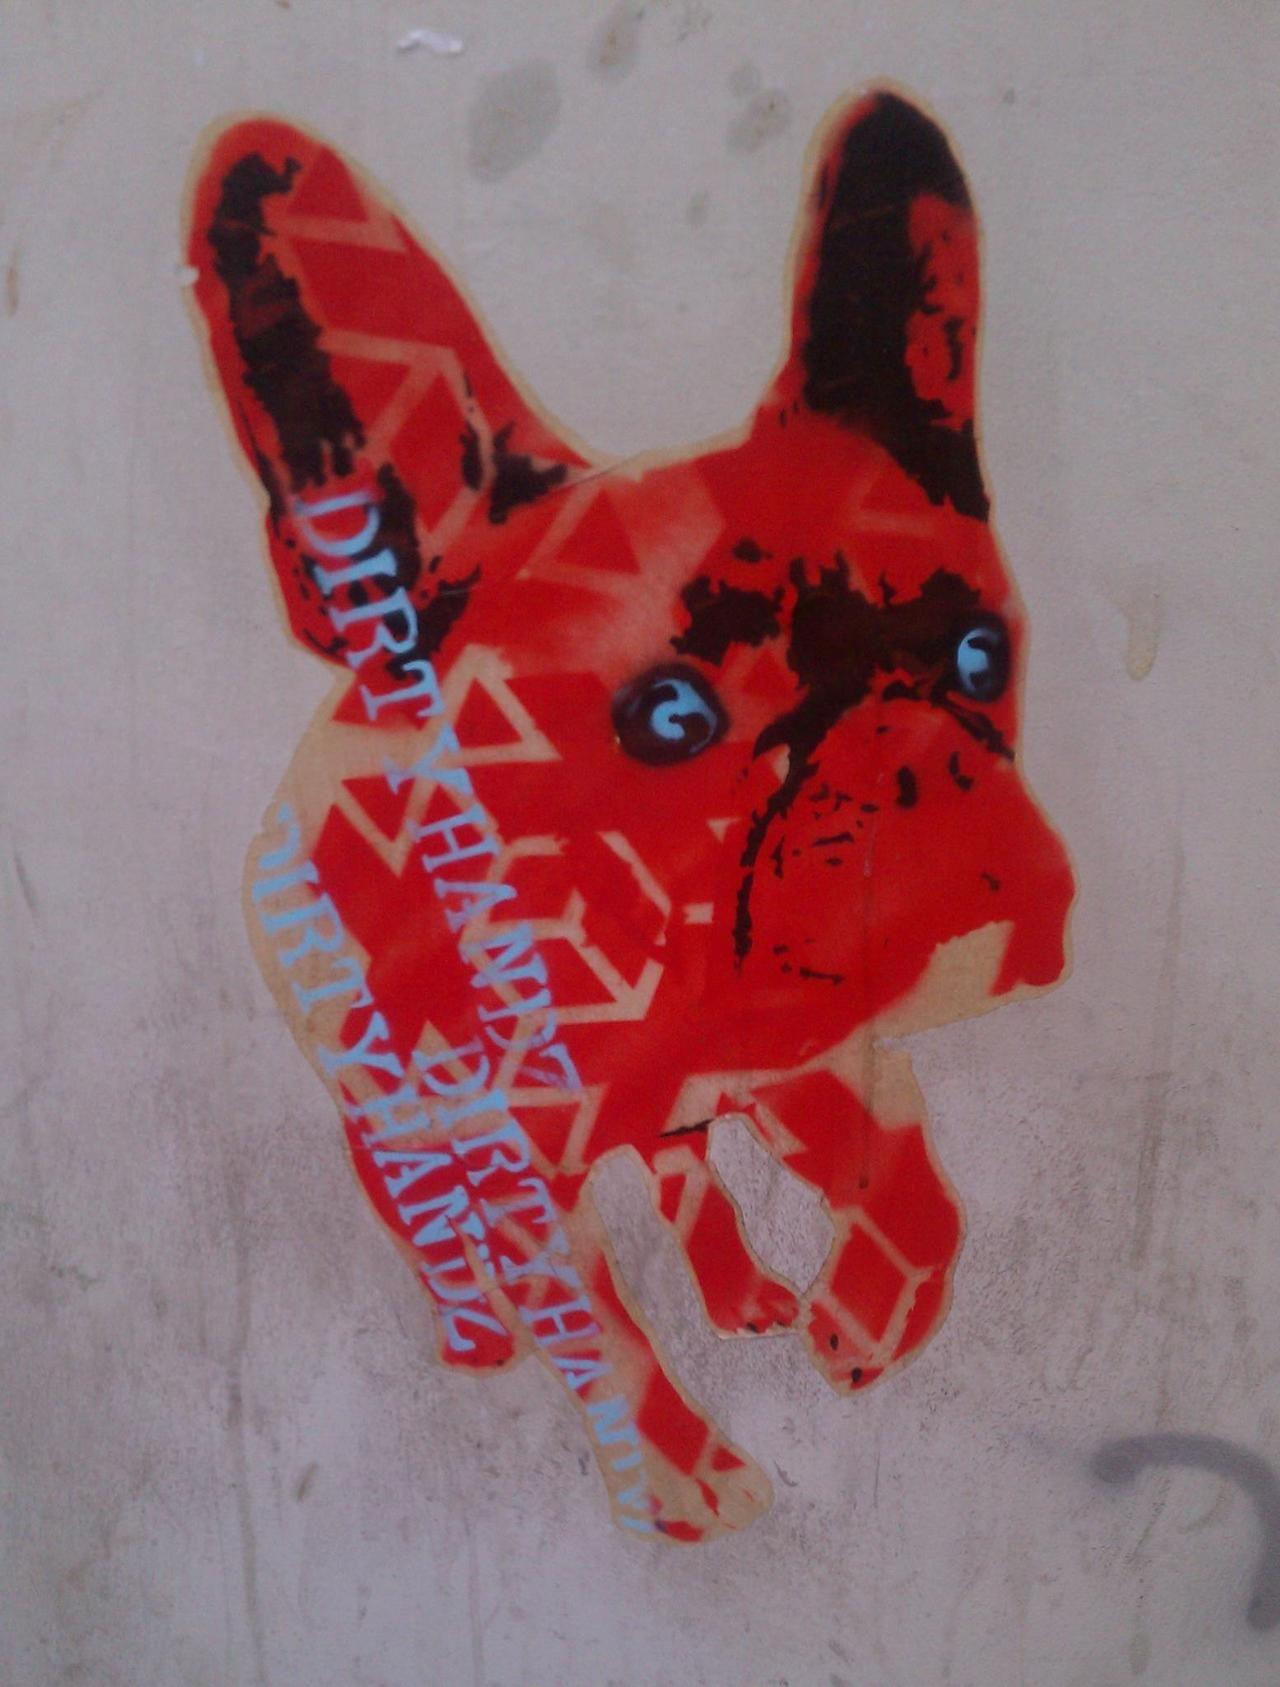 Frenchie graffiti at Santa Cruz de Tenerife